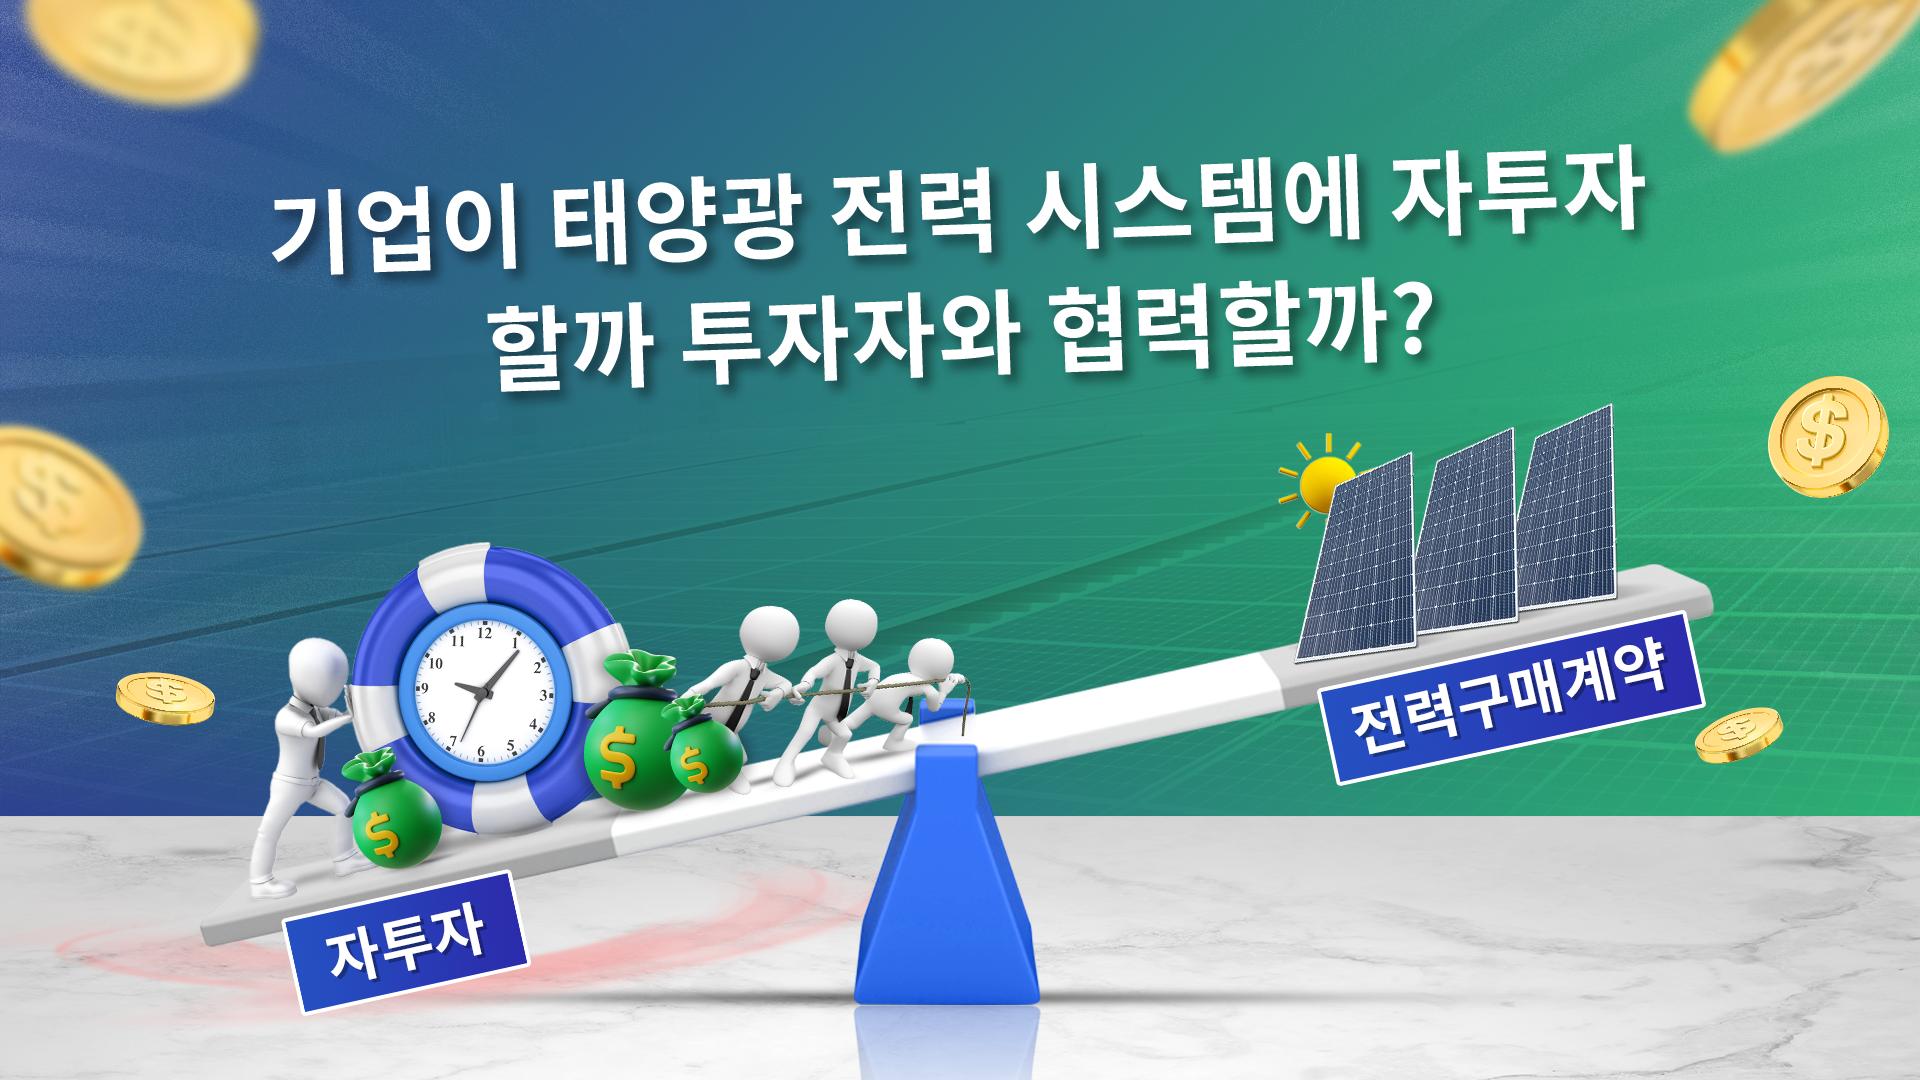 옥상태양전기 – 기업이 자투자할까 투자자와 협력할까?